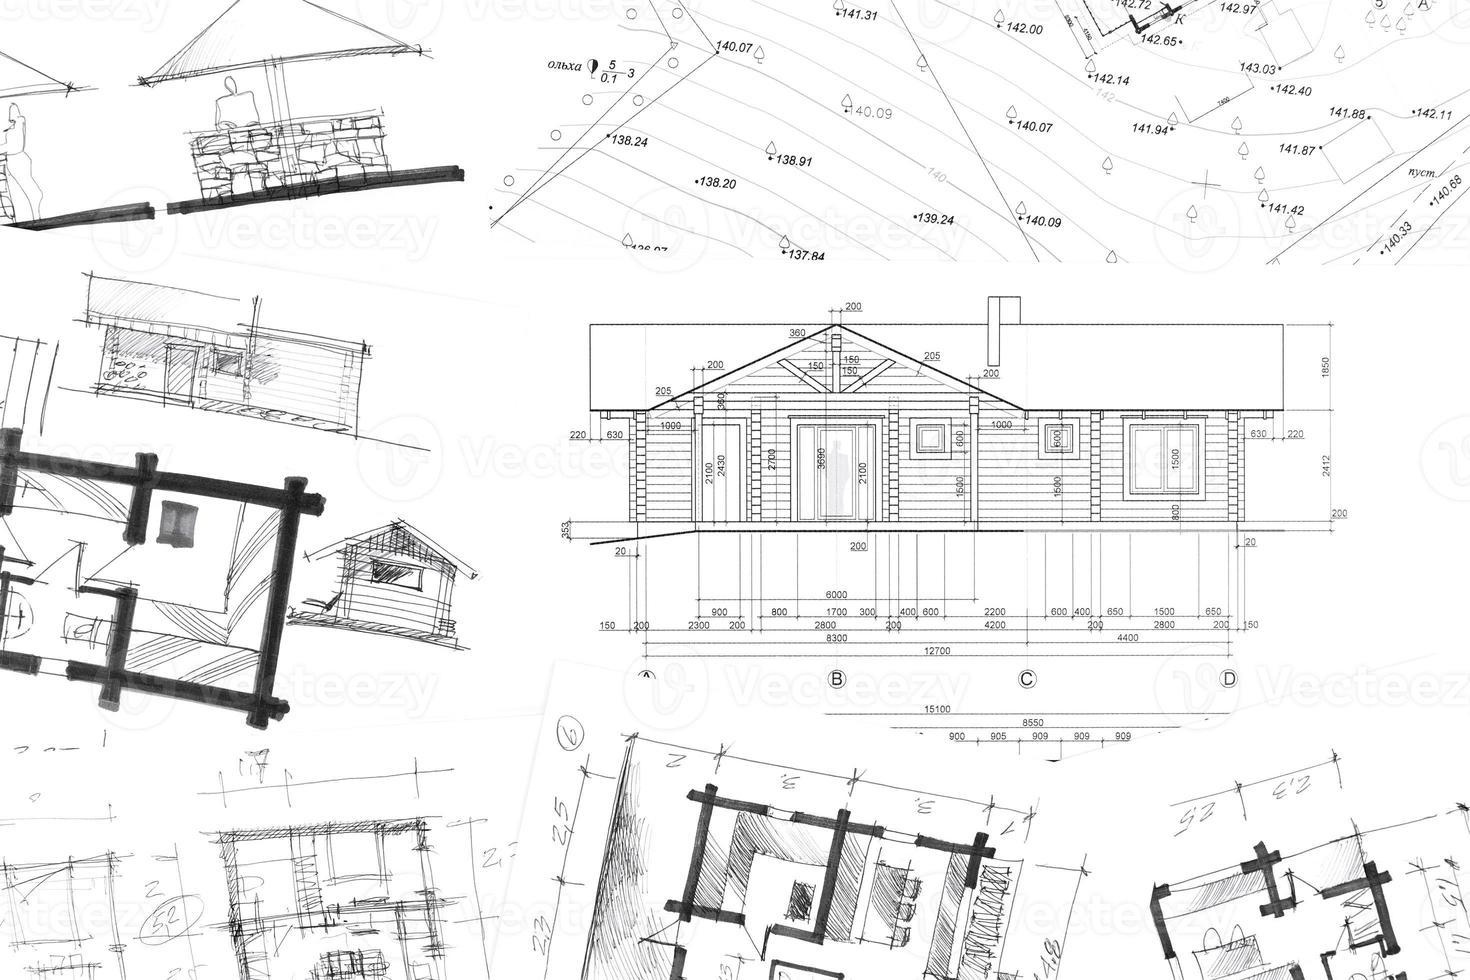 architektonische Handzeichnungen Hintergrund foto